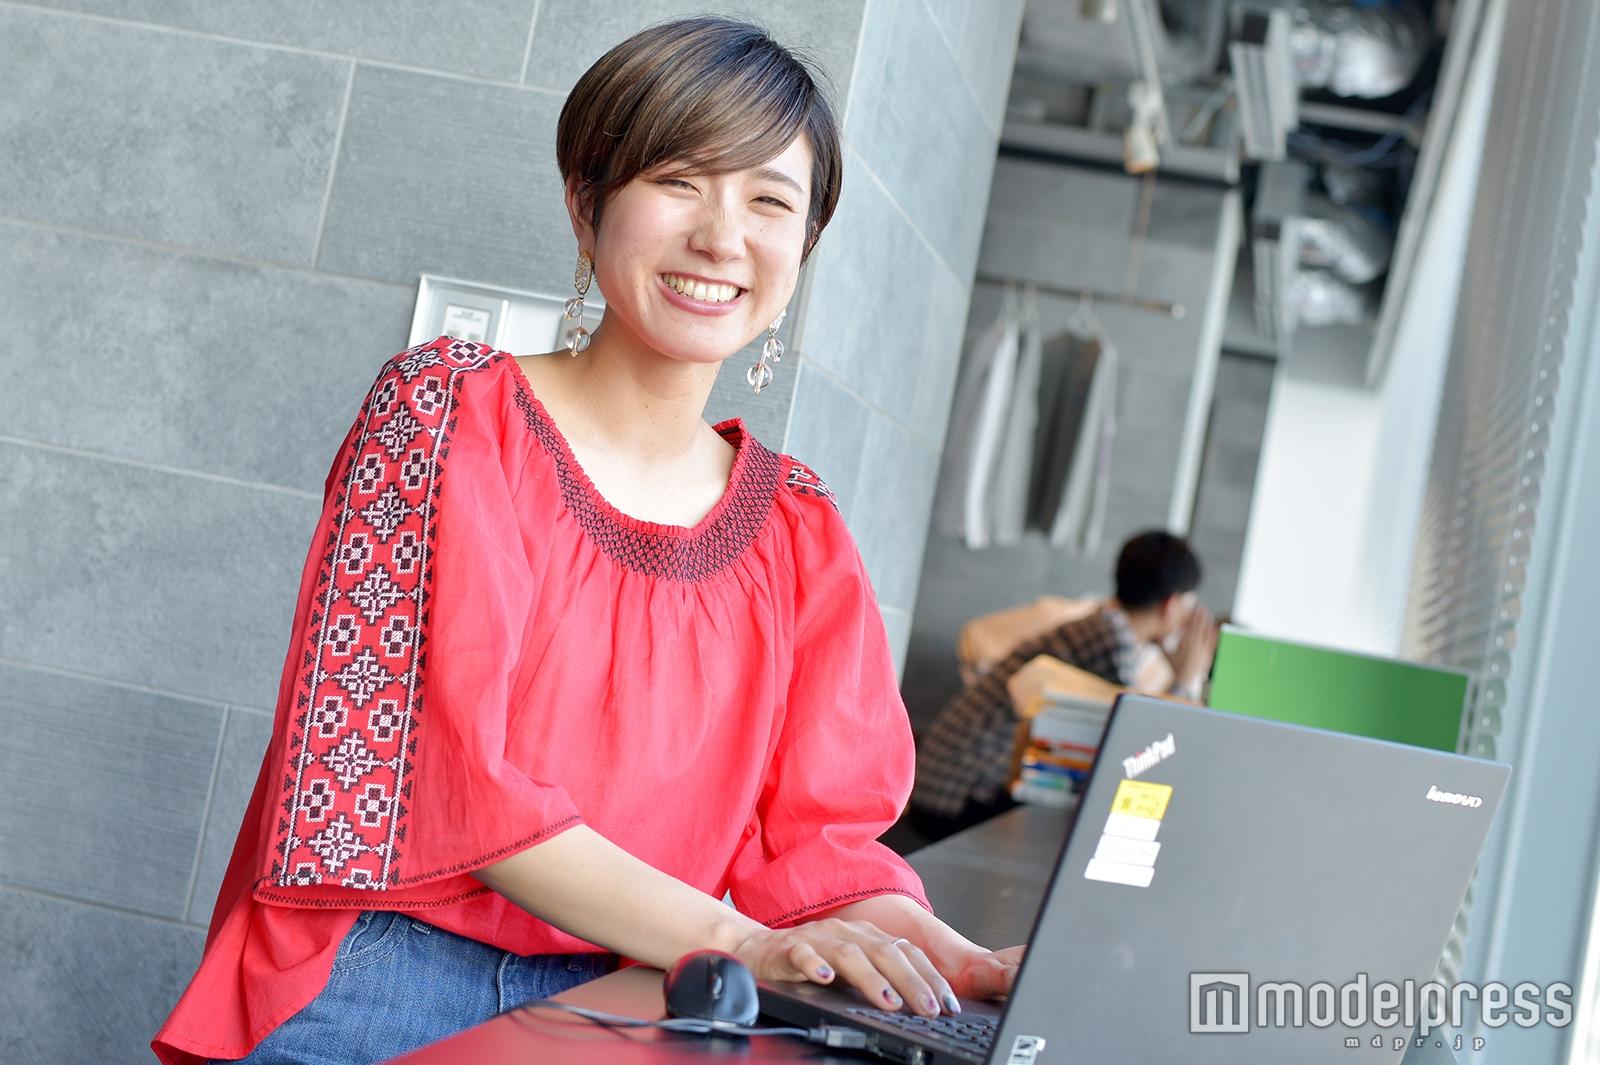 モデルプレスのインタビューに応じた五十君彩さん(C)モデルプレス